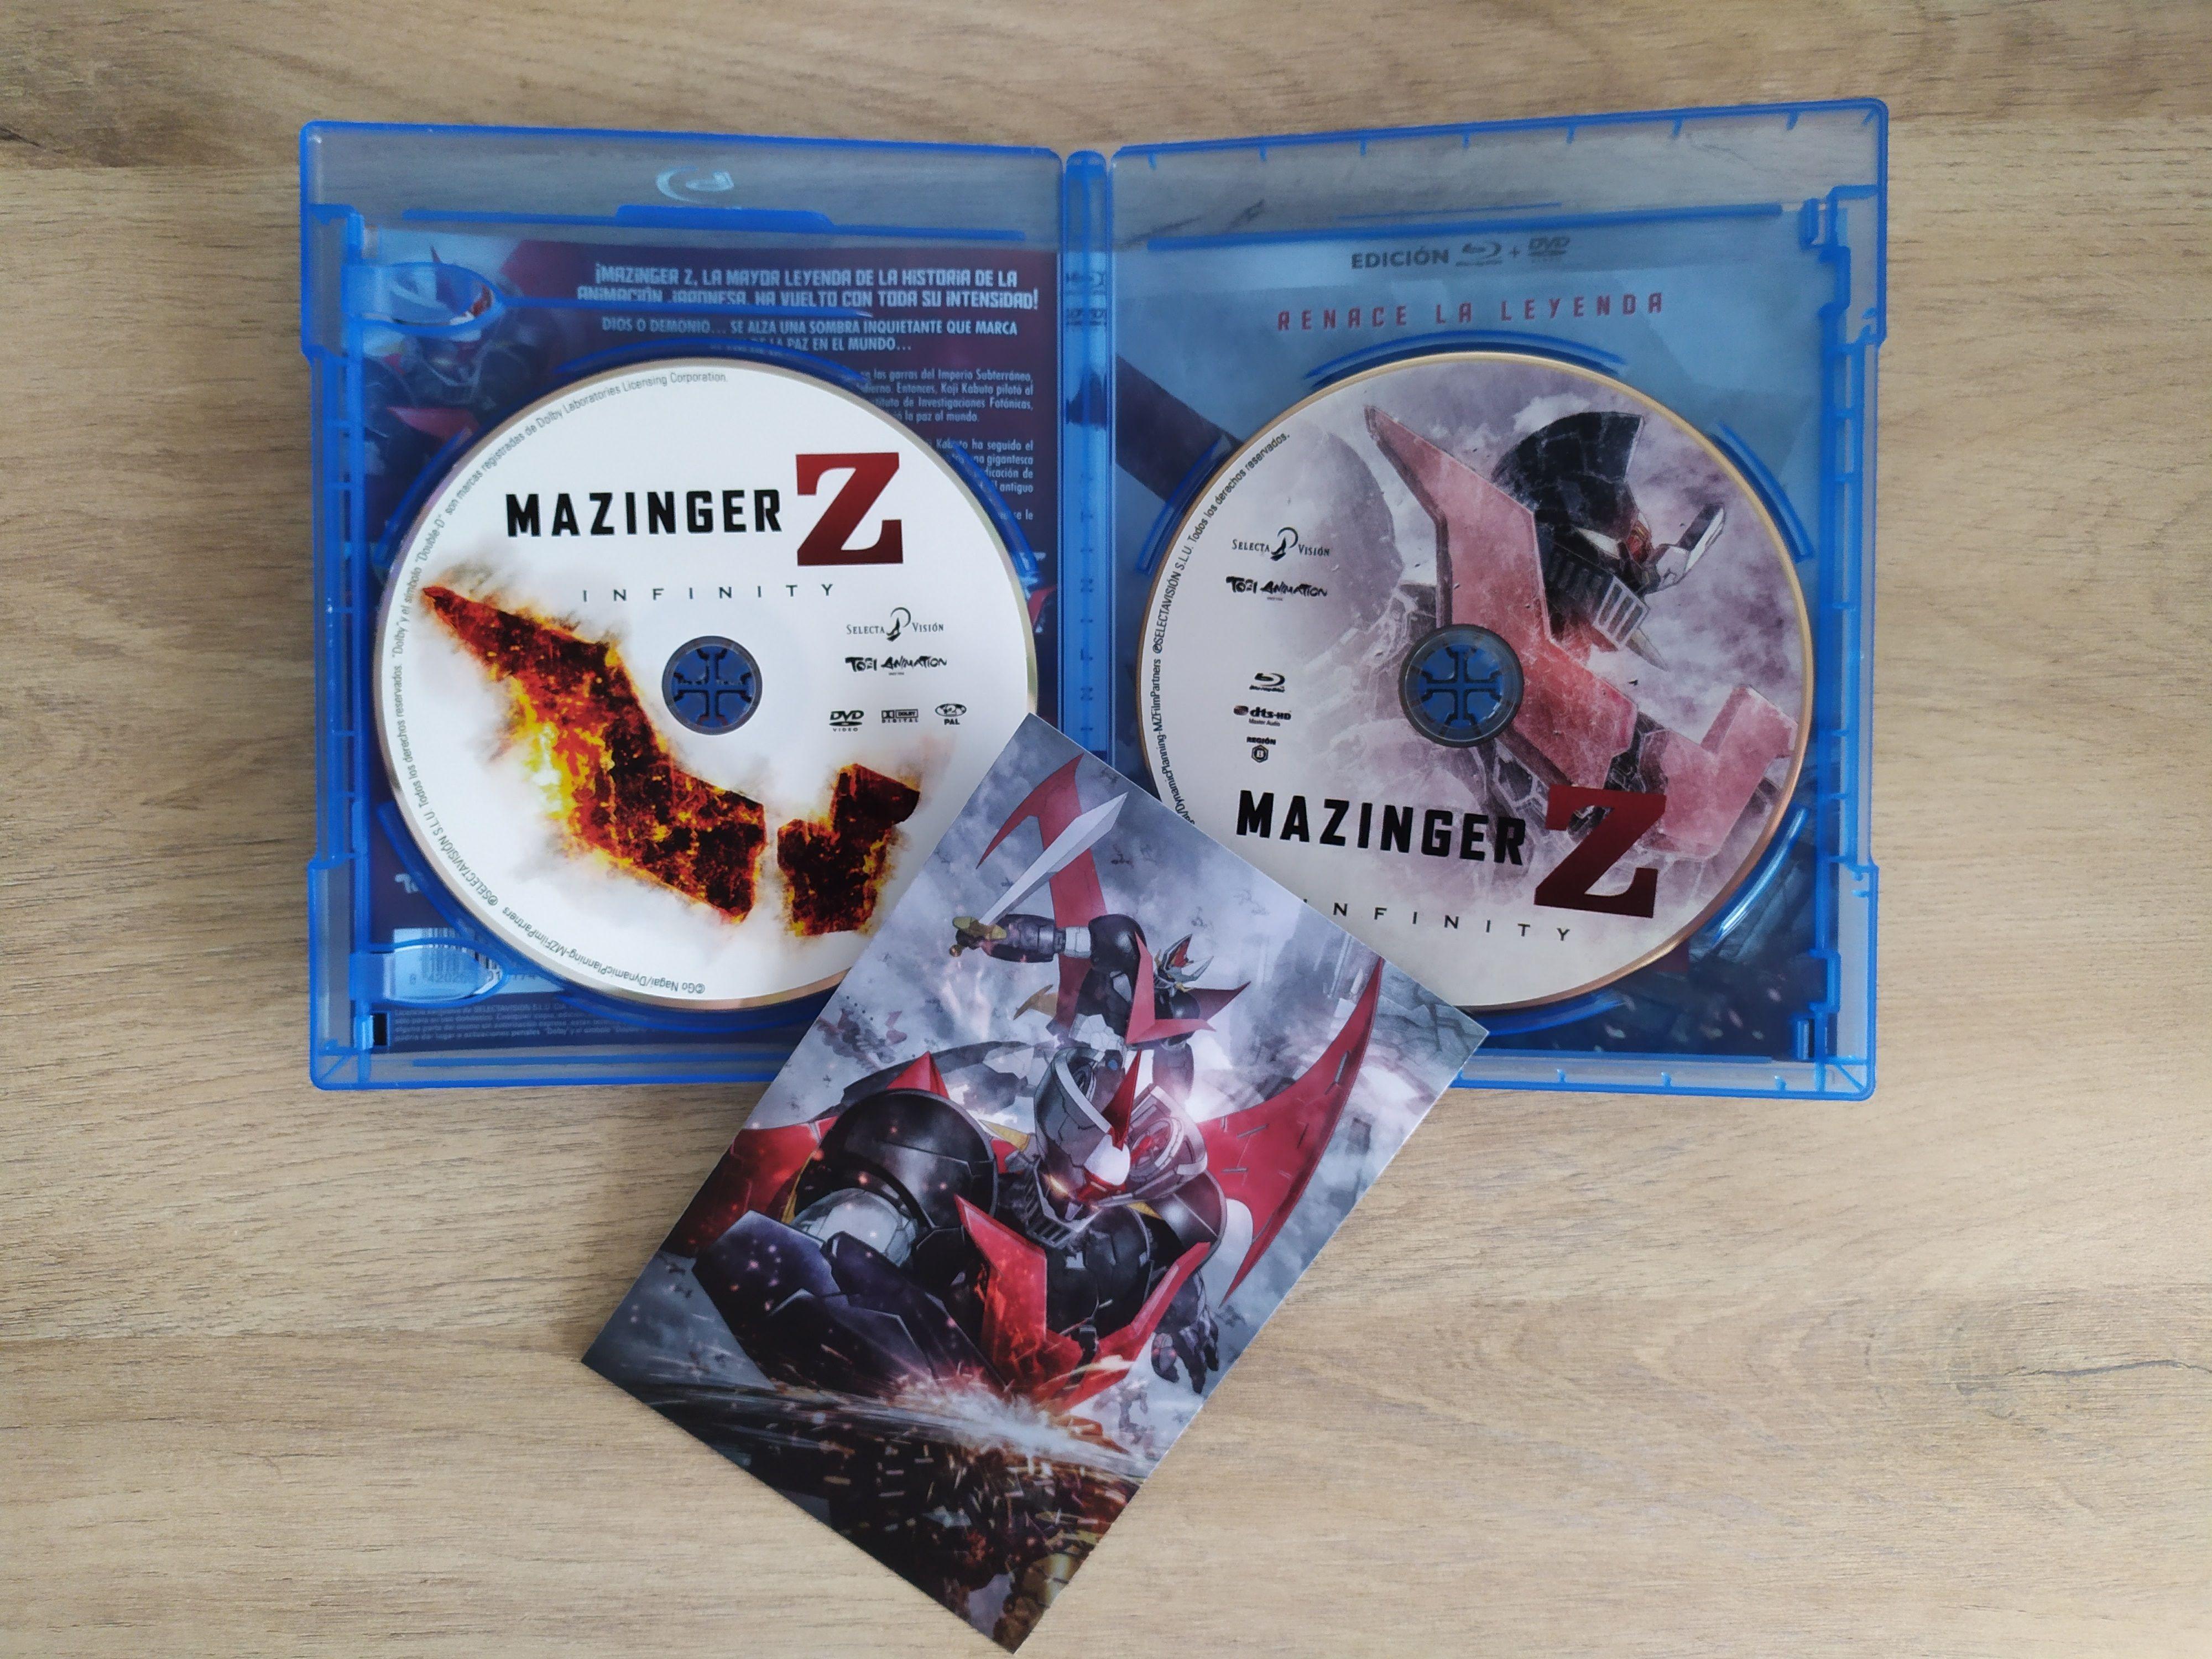 MazingerInfinity001